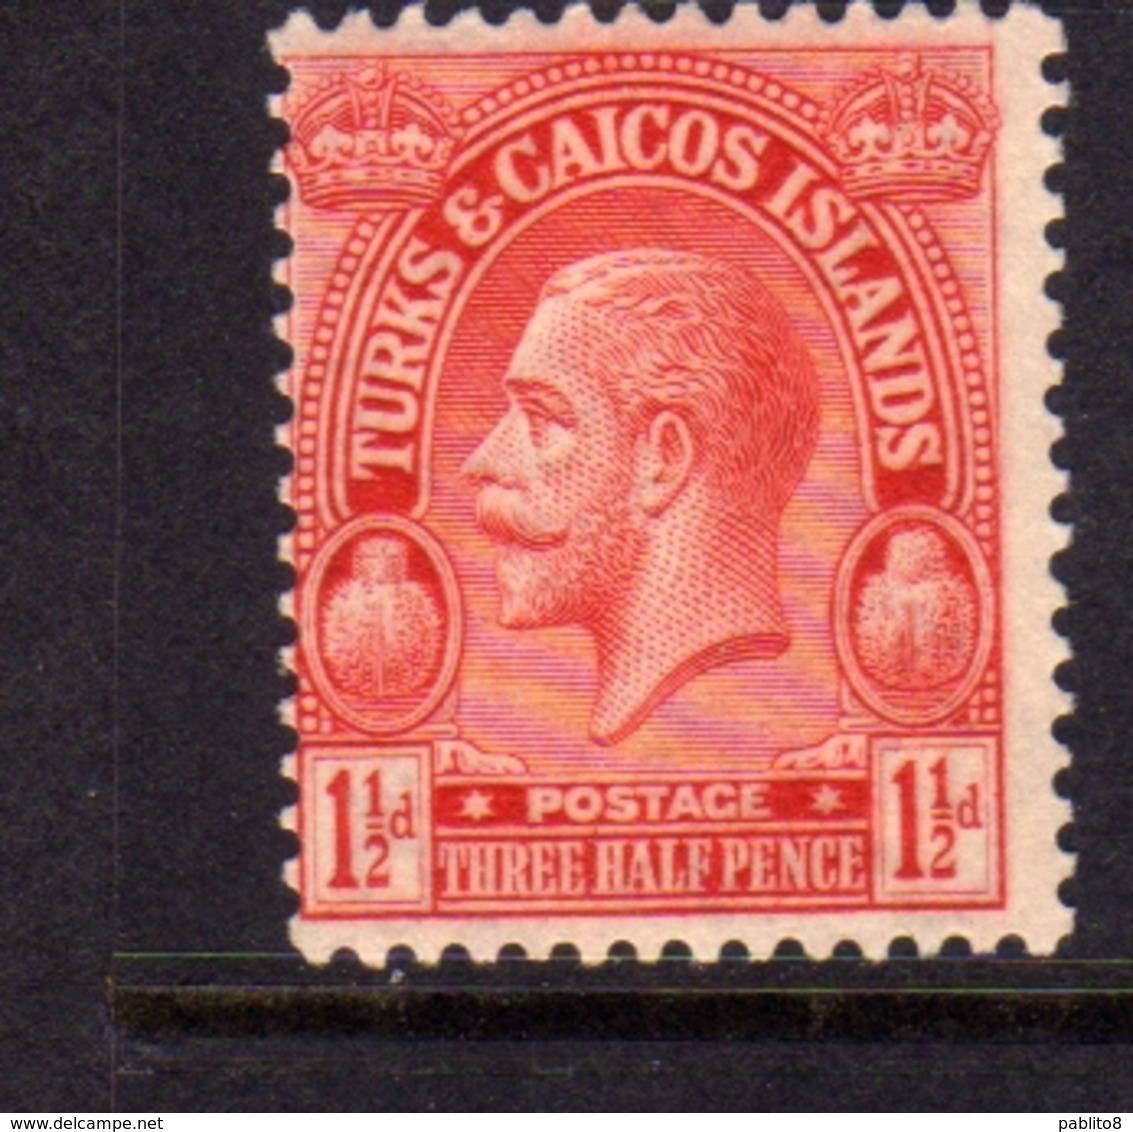 TURKS AND CAICOS 1922 1926 1925 KING GEORGE V RE GIORGIO 1 1/2p MNH - Turcas Y Caicos